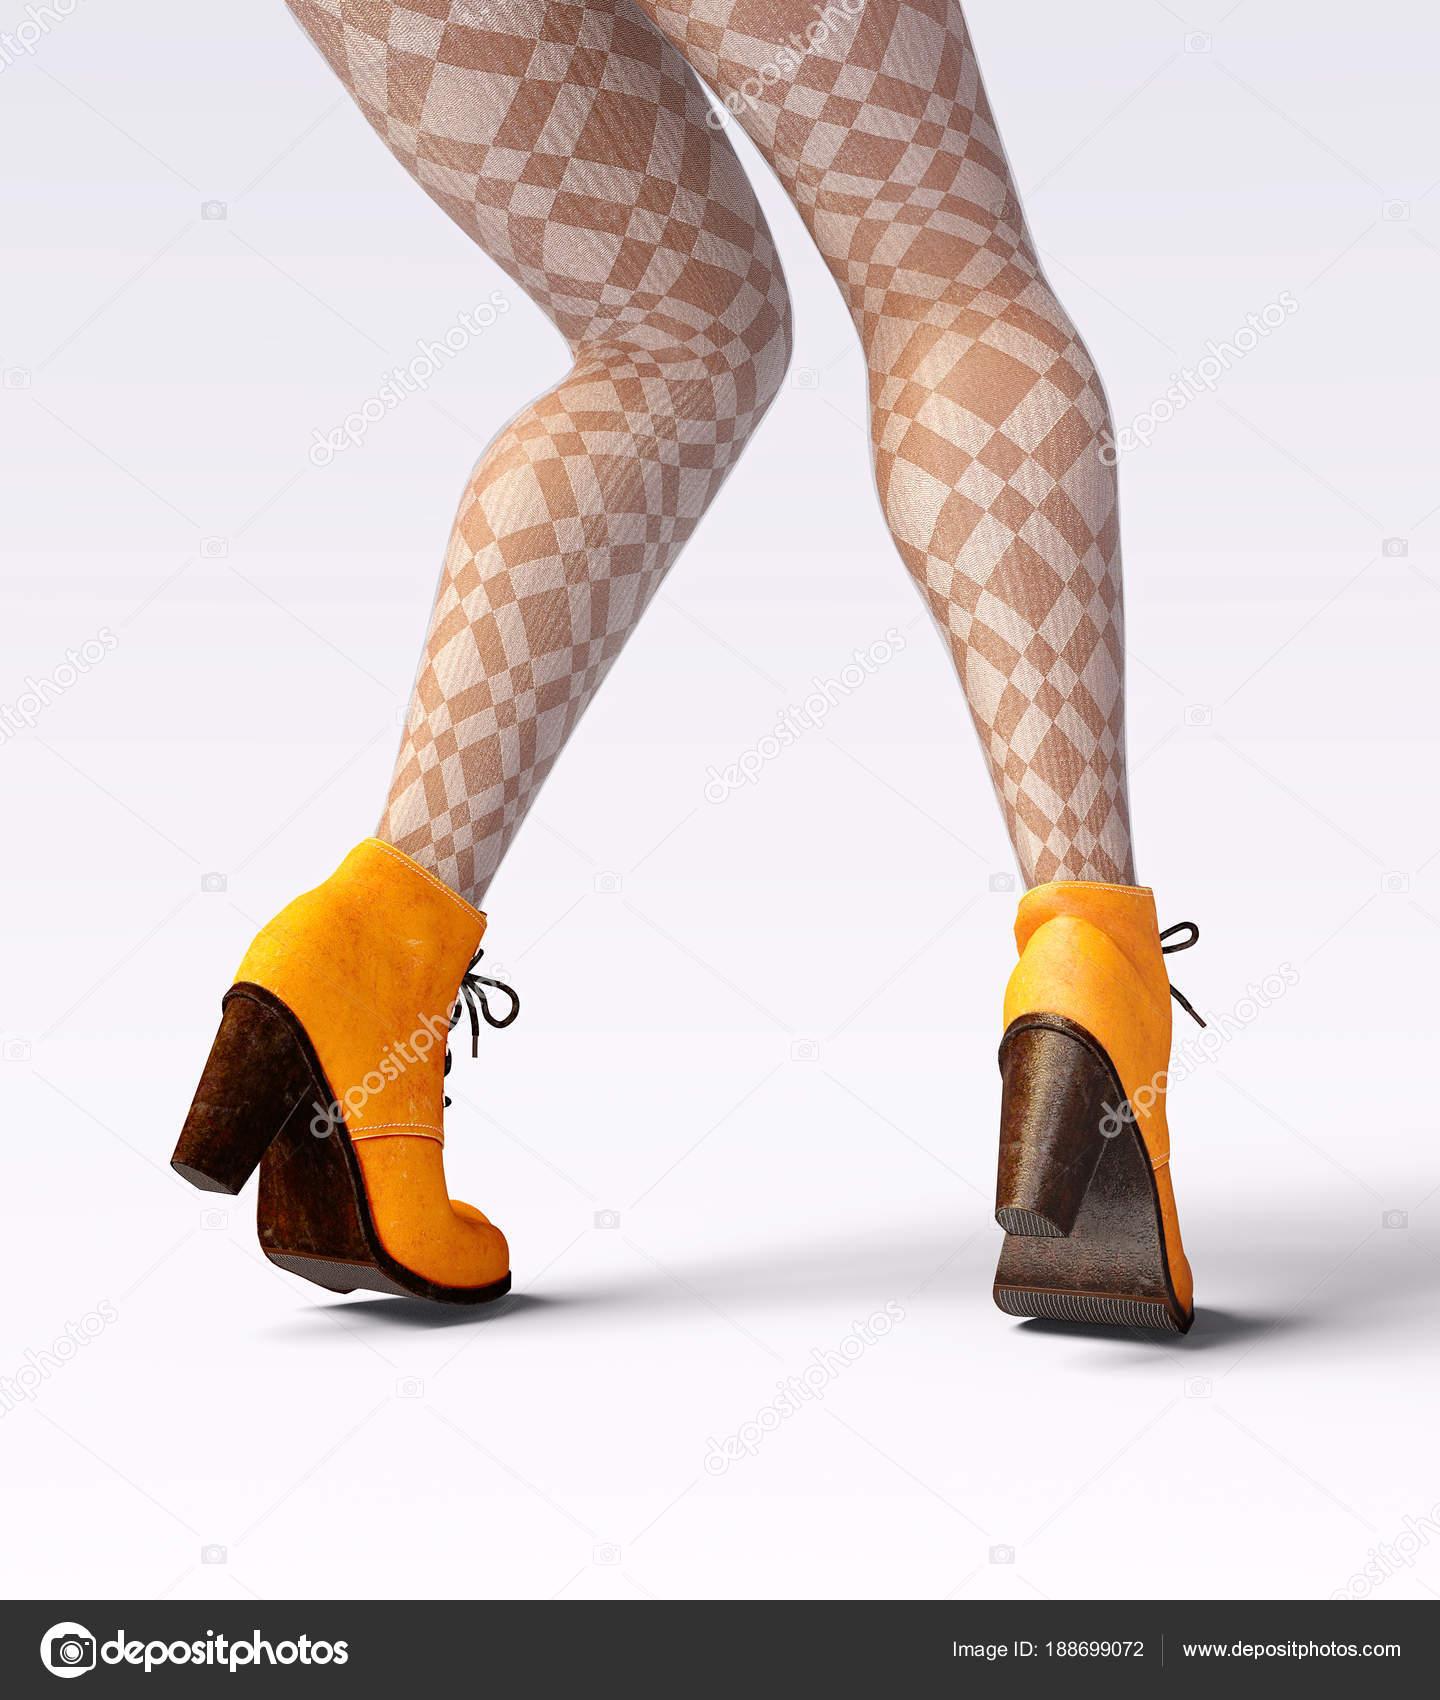 006cf79e571 Όμορφα Γυναικεία Πόδια Μάλλινα Κολάν Και Μισό Χάντρες Σέξι Λεπτή —  Φωτογραφία Αρχείου